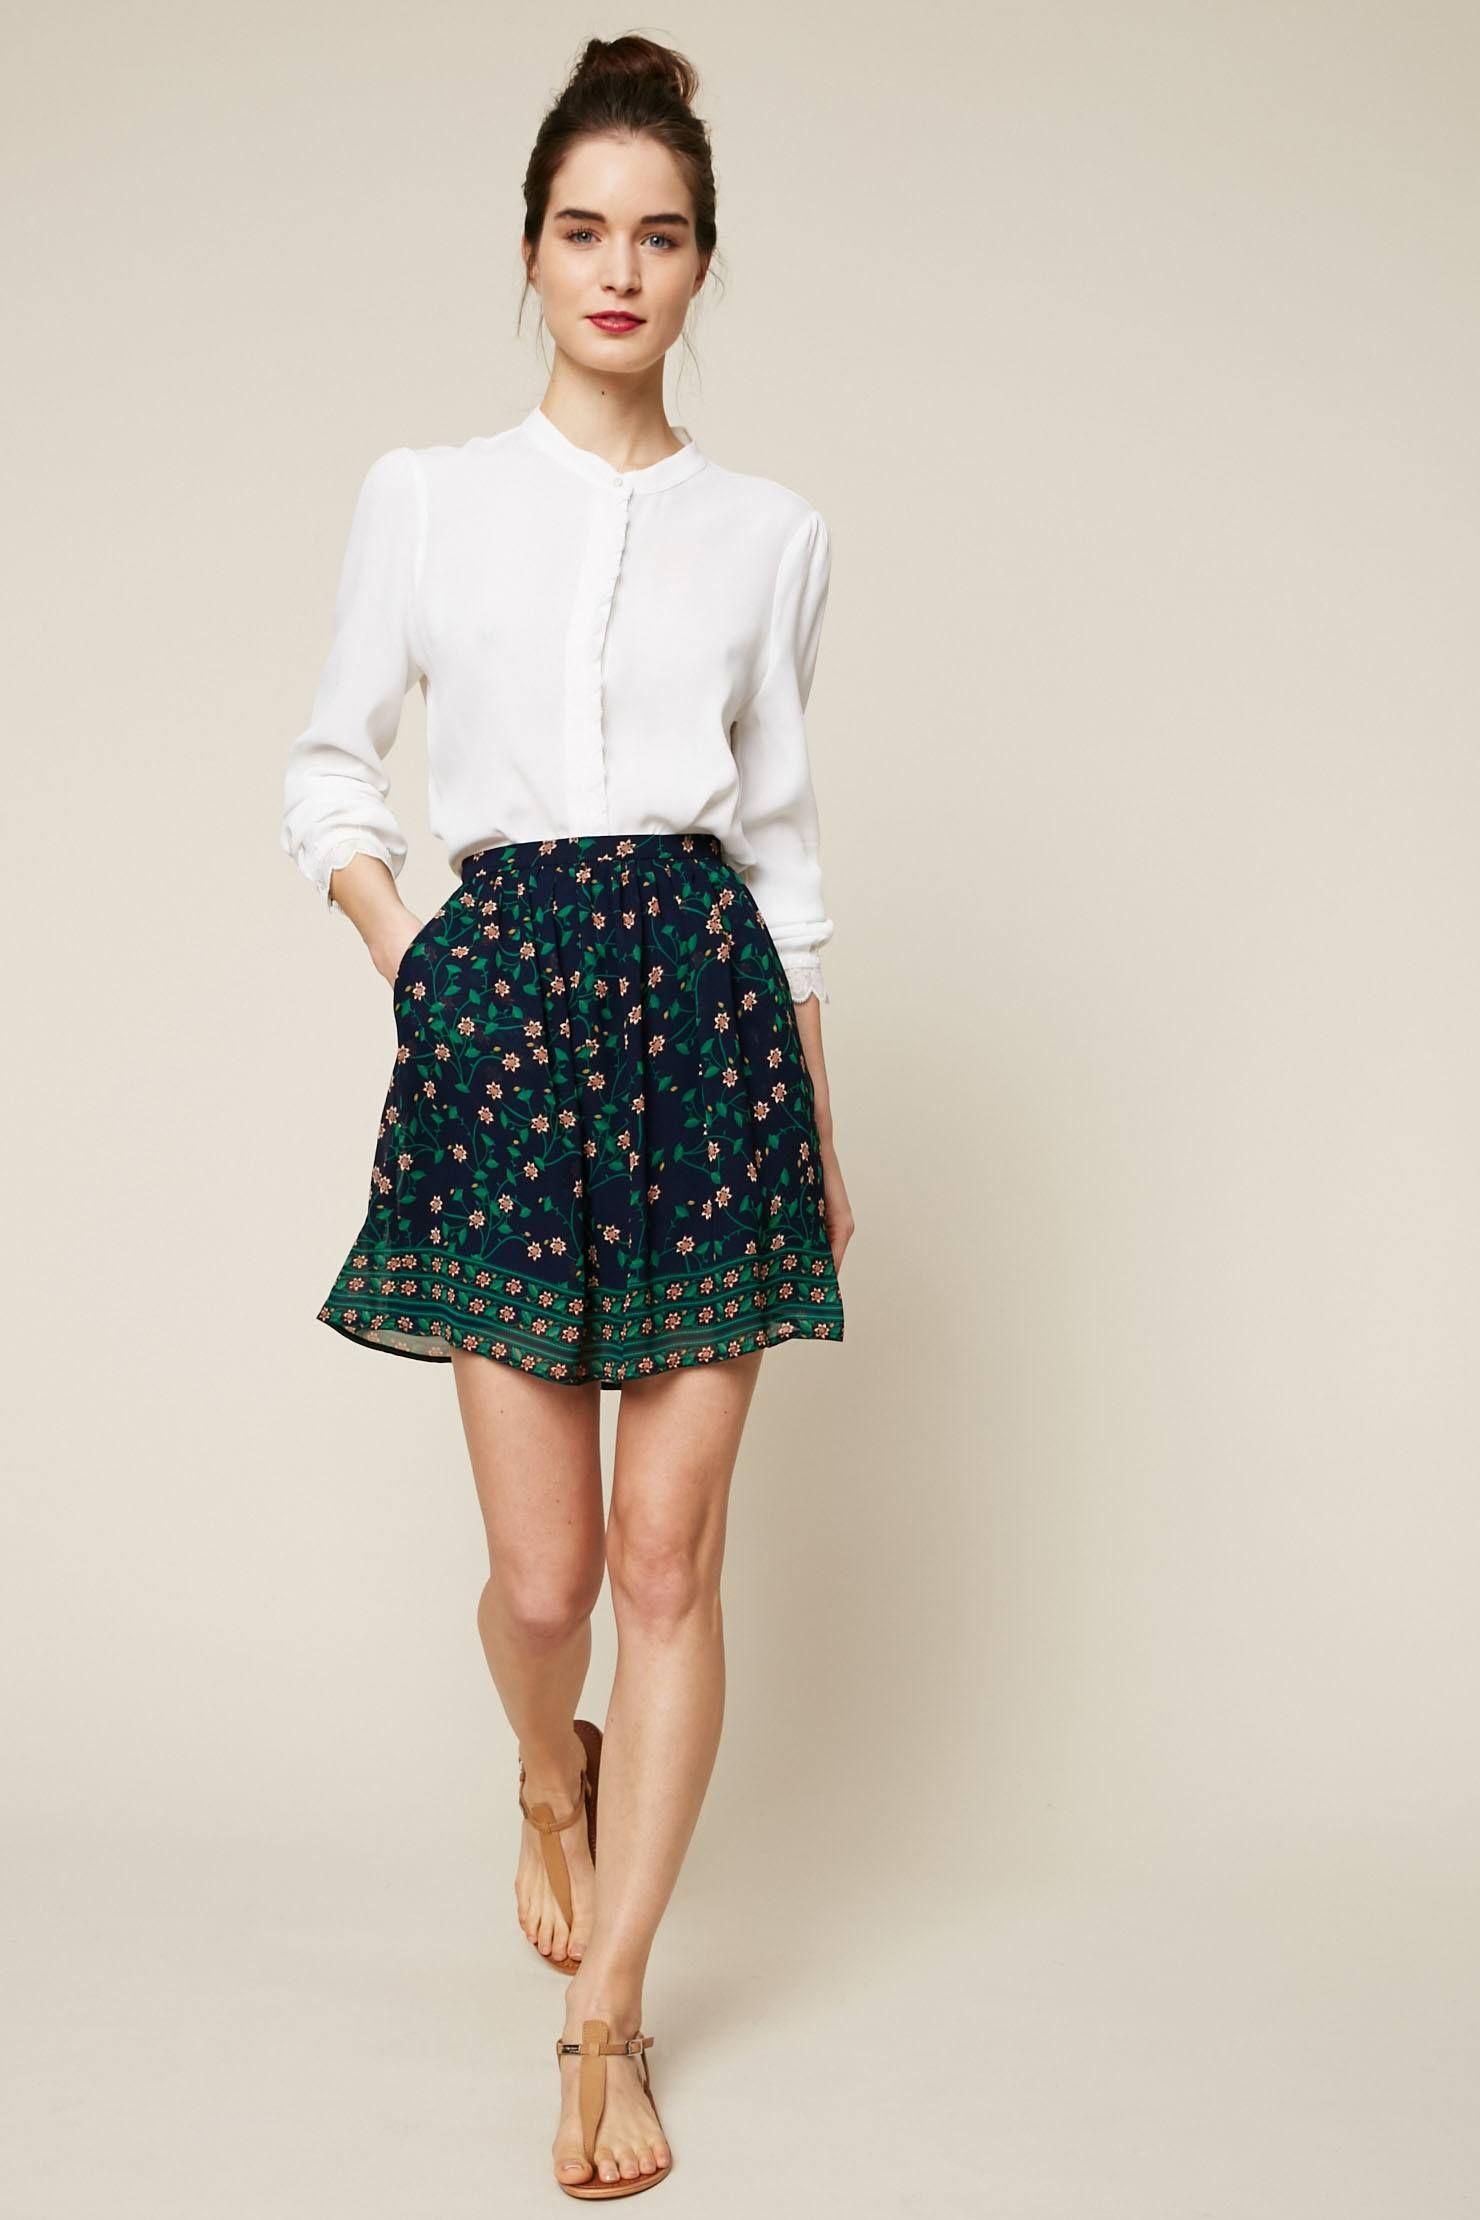 e436e8b9ae2cc9 Idée de look Jupe Femme Chic Décontracté (Casual Chic) printemps/été ...